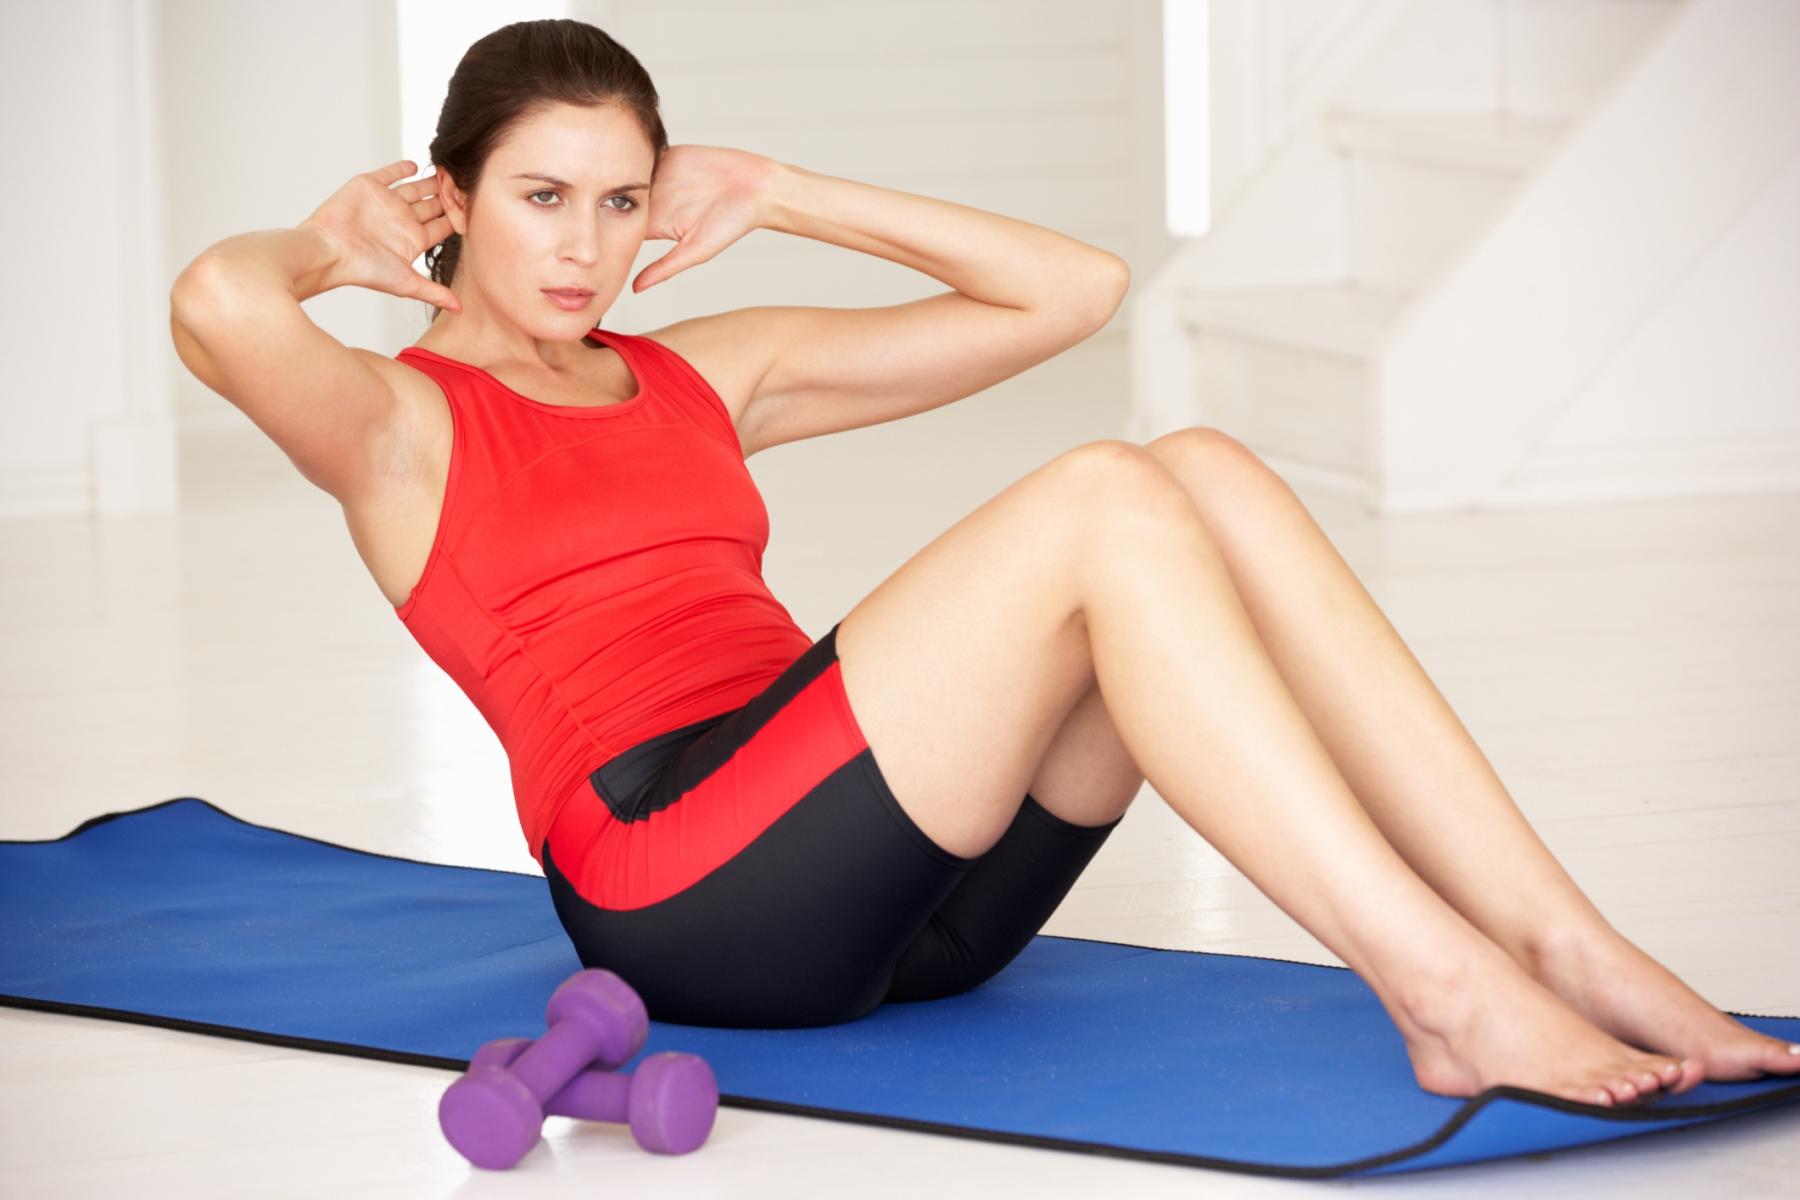 Lo que debes evitar al entrenar los abdominales